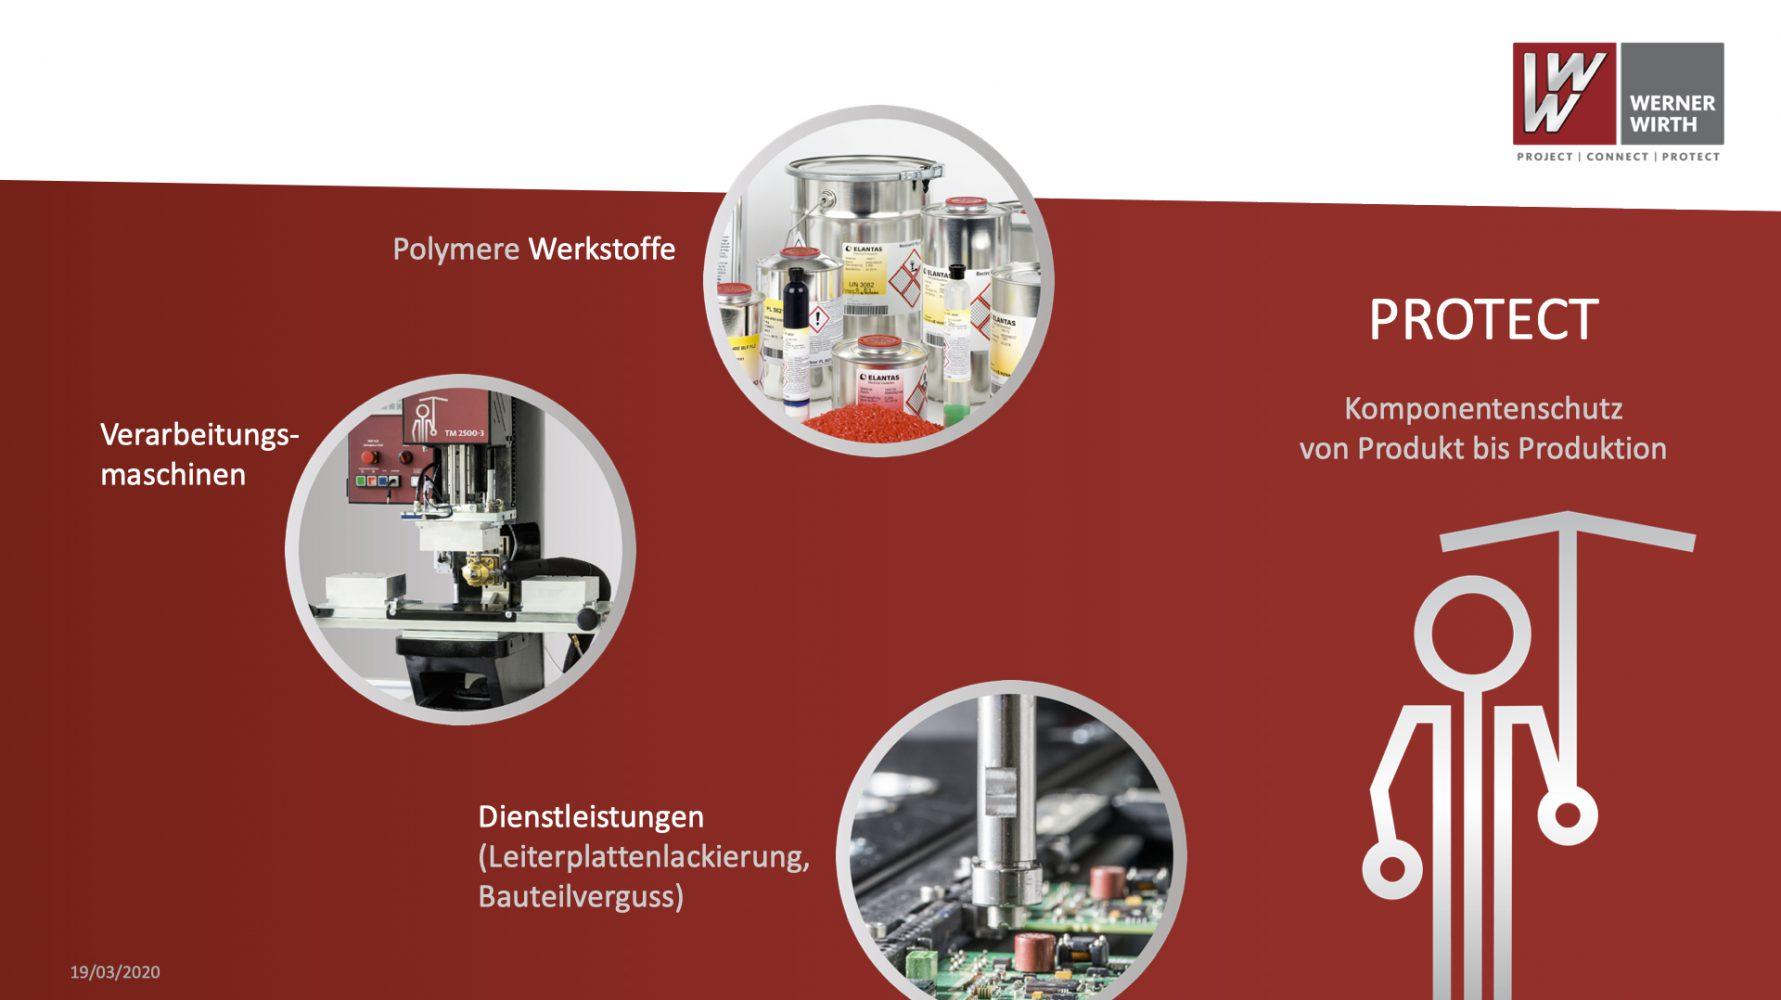 Powerpoint-Design für Werner Wirth aus Hamburg